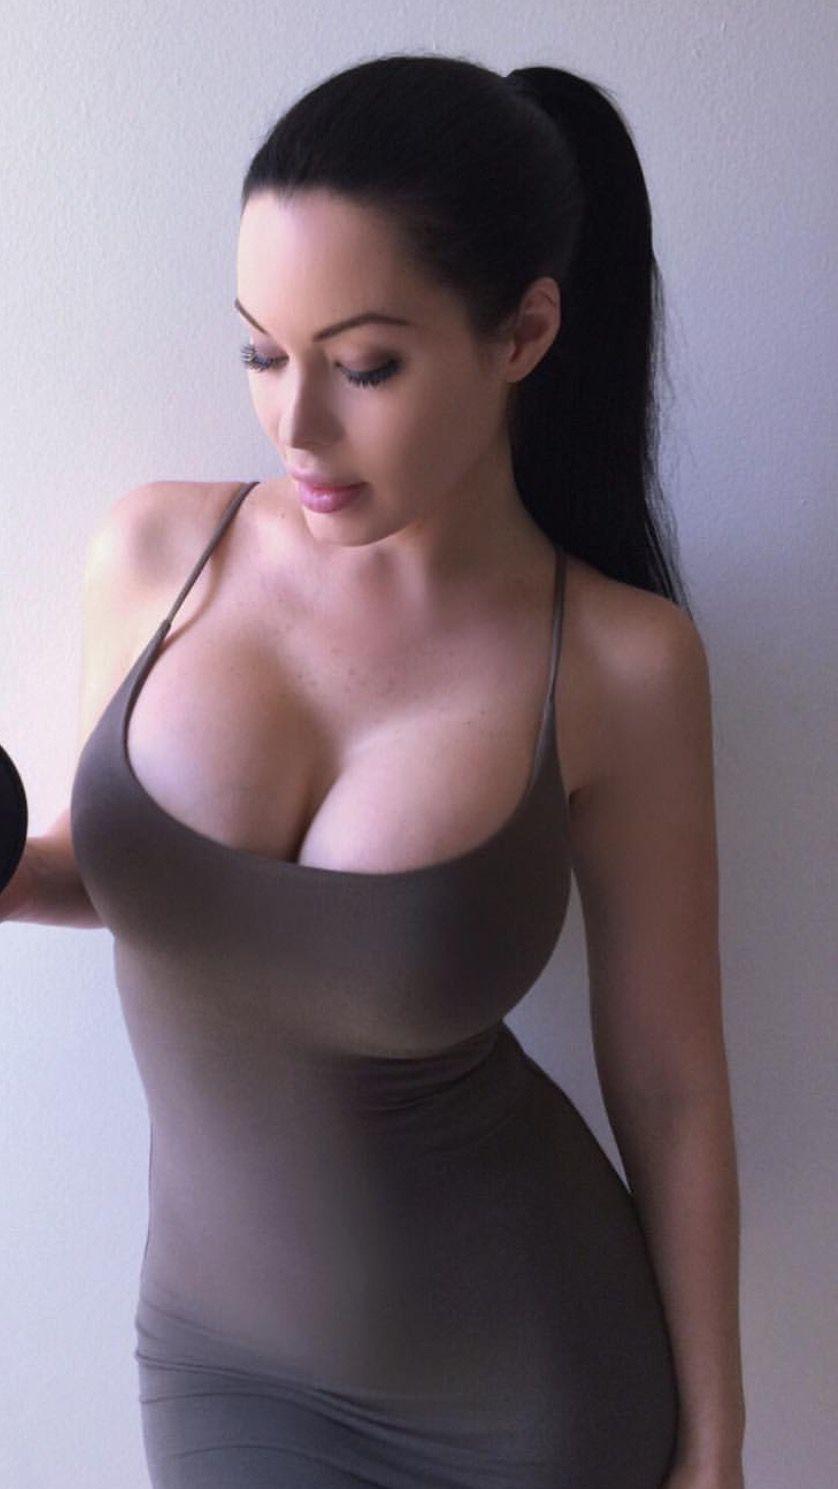 Hacked Veronika Black nudes (88 photo), Leaked